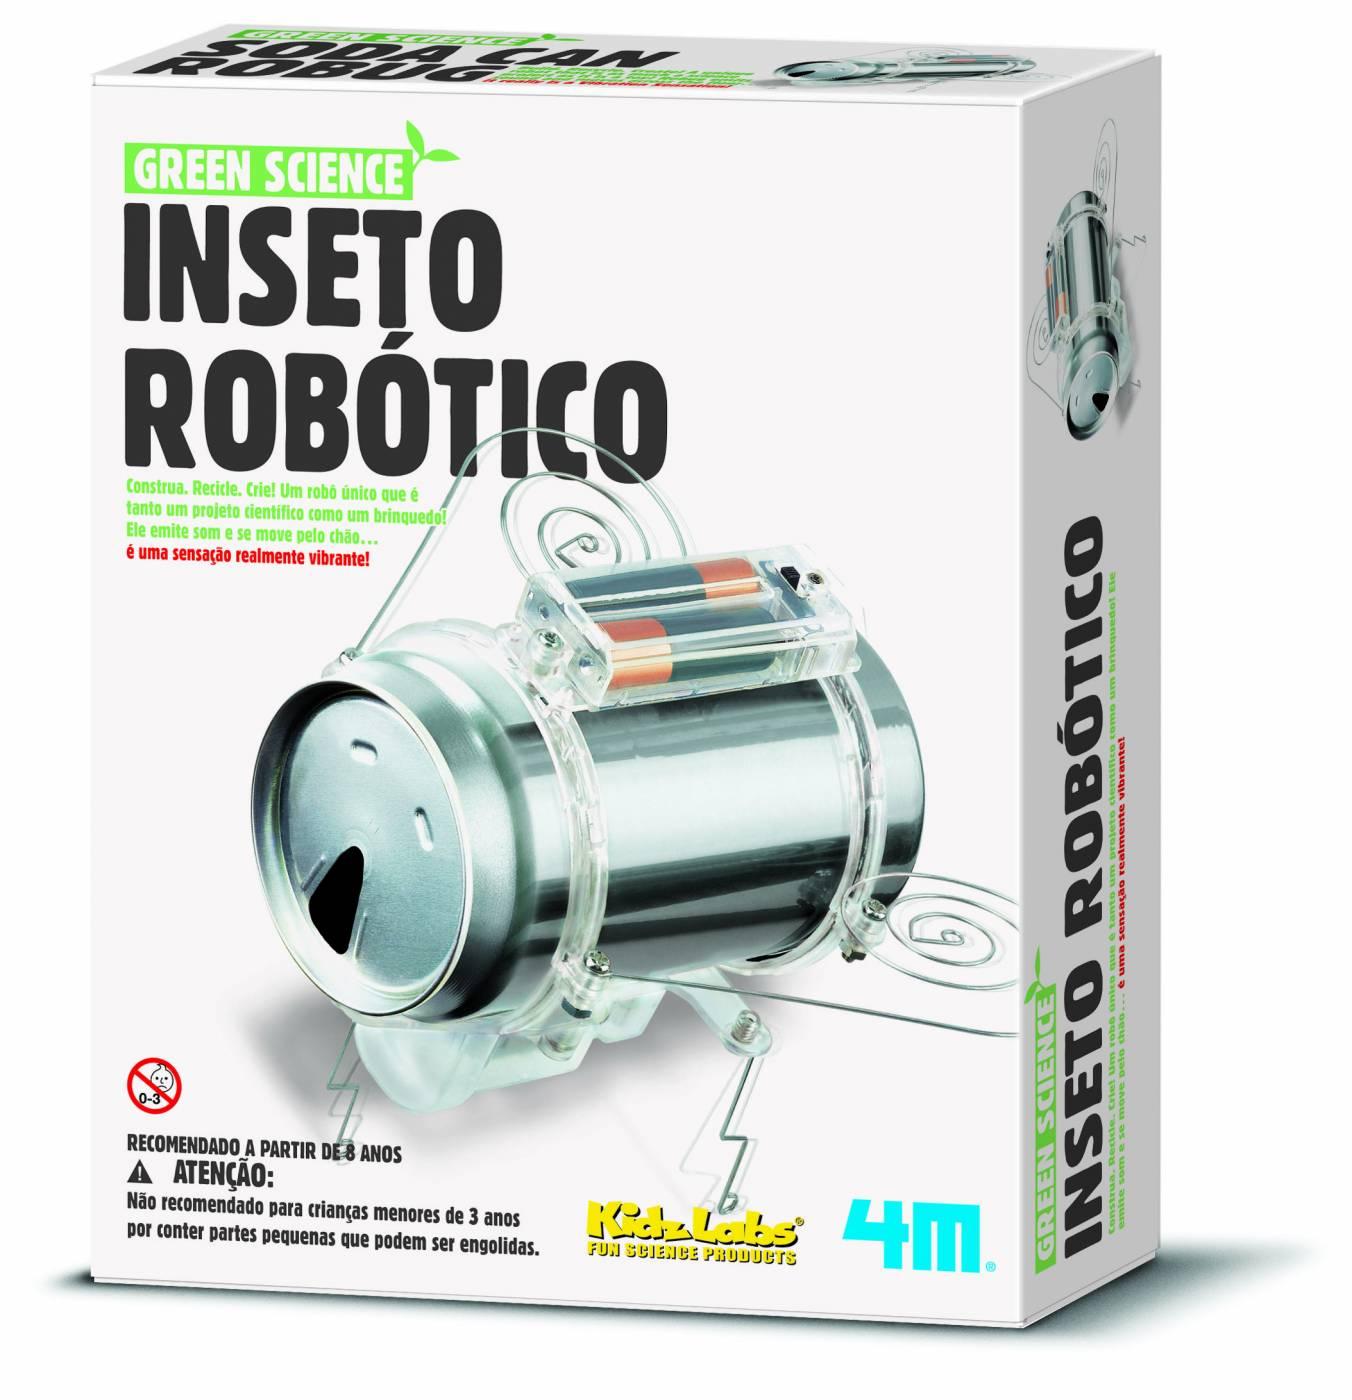 Inseto Robótico de Latinha - 4M